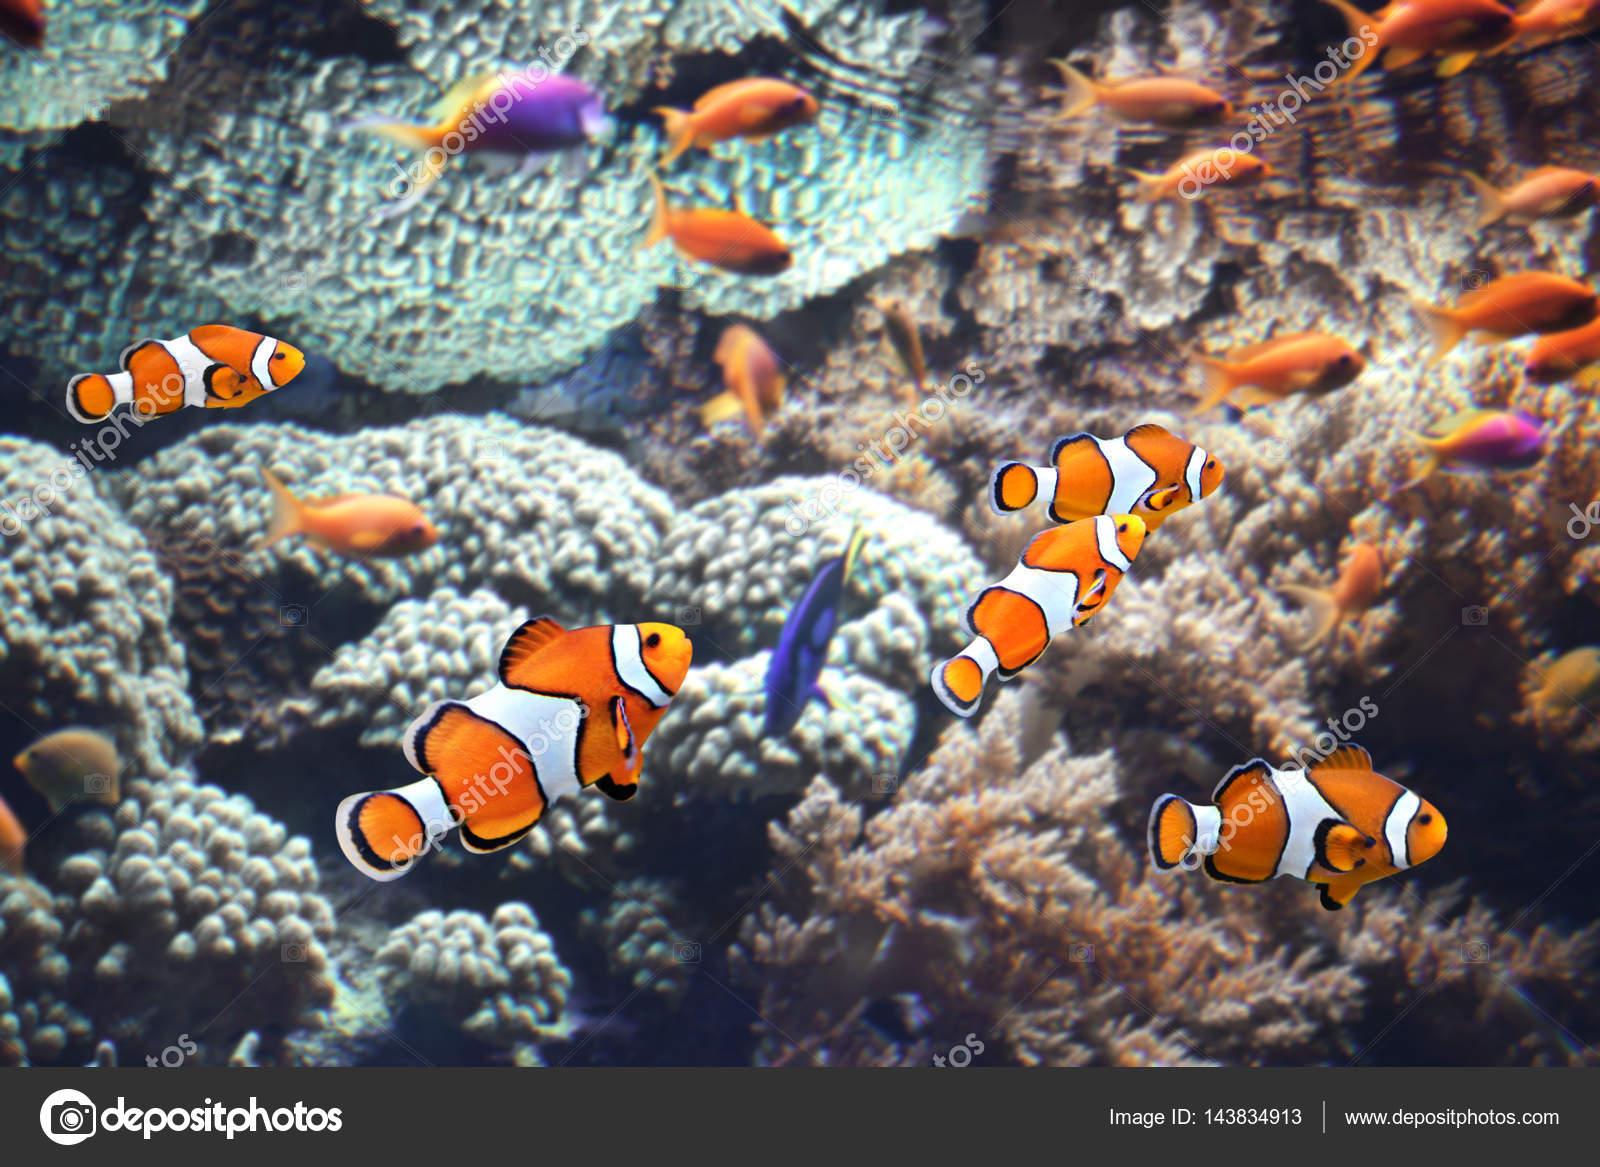 Coralli di mare e pesce pagliaccio foto stock frenta for Pesce pagliaccio foto